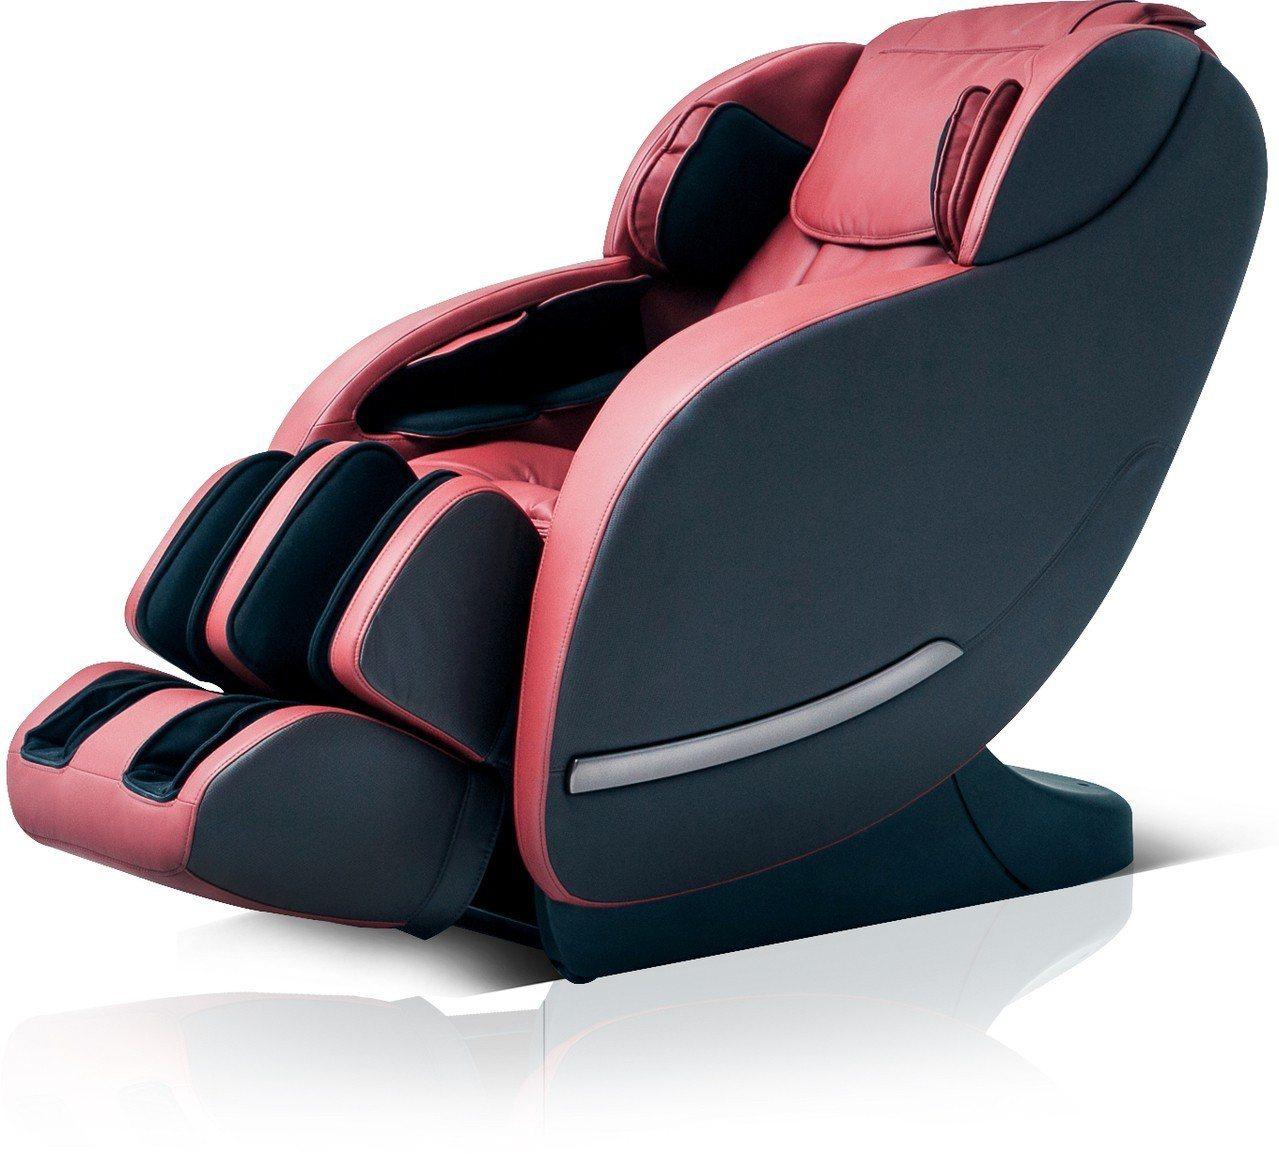 輝葉原力臀感按摩椅HY-5099,原價166,666元,特價66,666元。圖/...